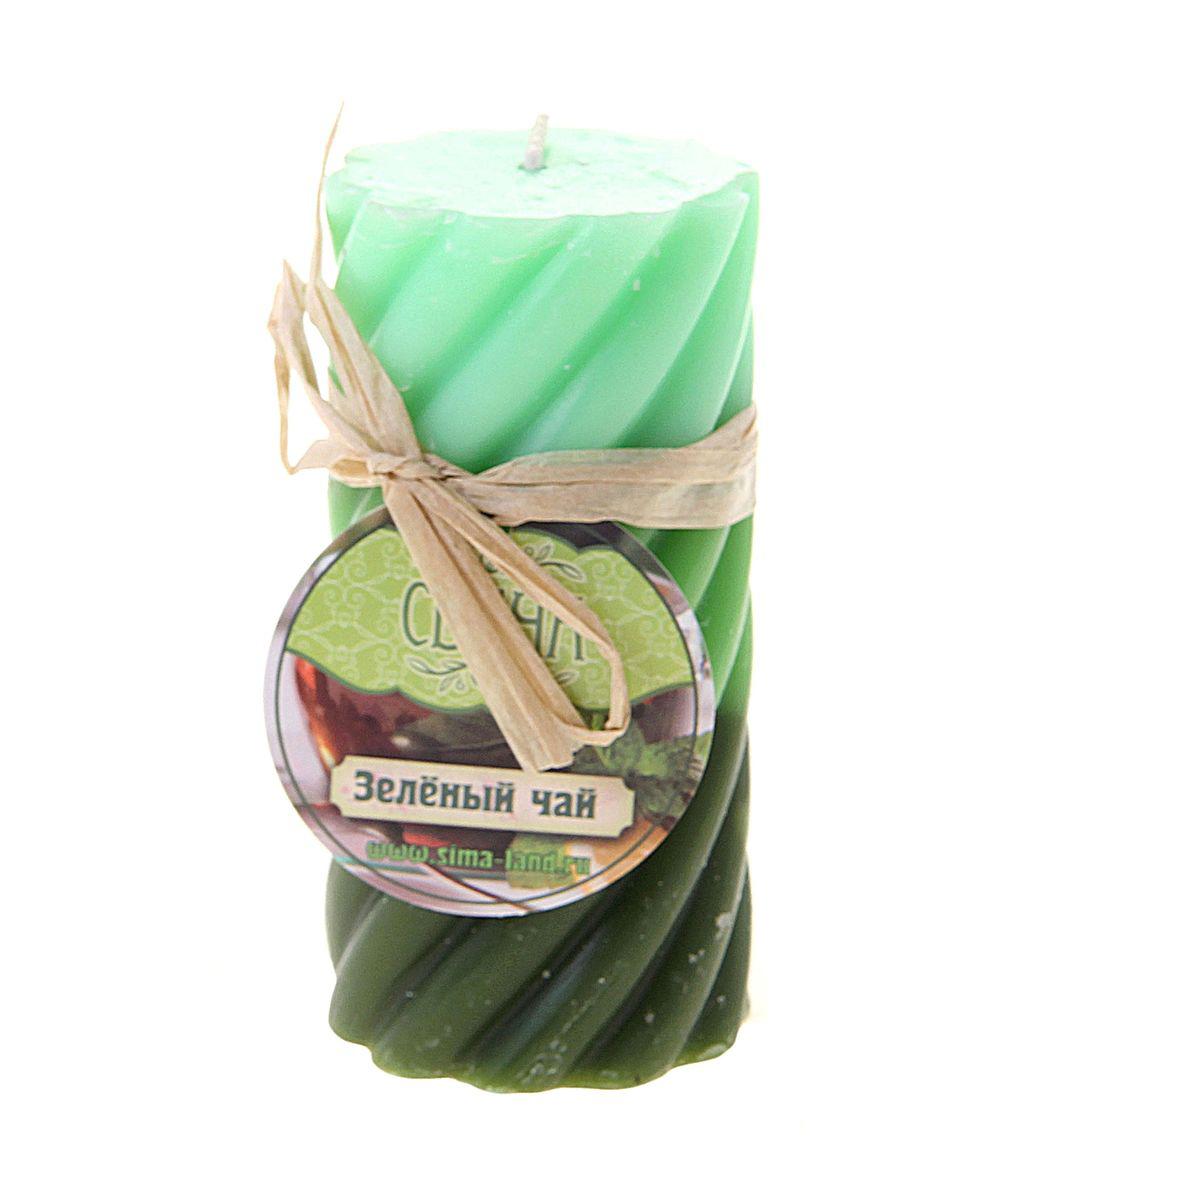 Свеча ароматизированная Sima-land Зеленый чай, высота 10 см849554Свеча Sima-land Зеленый чай выполненная из воска в виде столбика и оформлена волнообразным рельефом. Изделие порадует ярким дизайном и освежающим ароматом зеленого чая, который понравится как женщинам, так и мужчинам. Создайте для себя и своих близких незабываемую атмосферу праздника в доме. Ароматическая свеча Sima-land Зеленый чай может стать не только отличным подарком, но и гарантией хорошего настроения, ведь это красивая вещь из качественного, безопасного для здоровья материала.